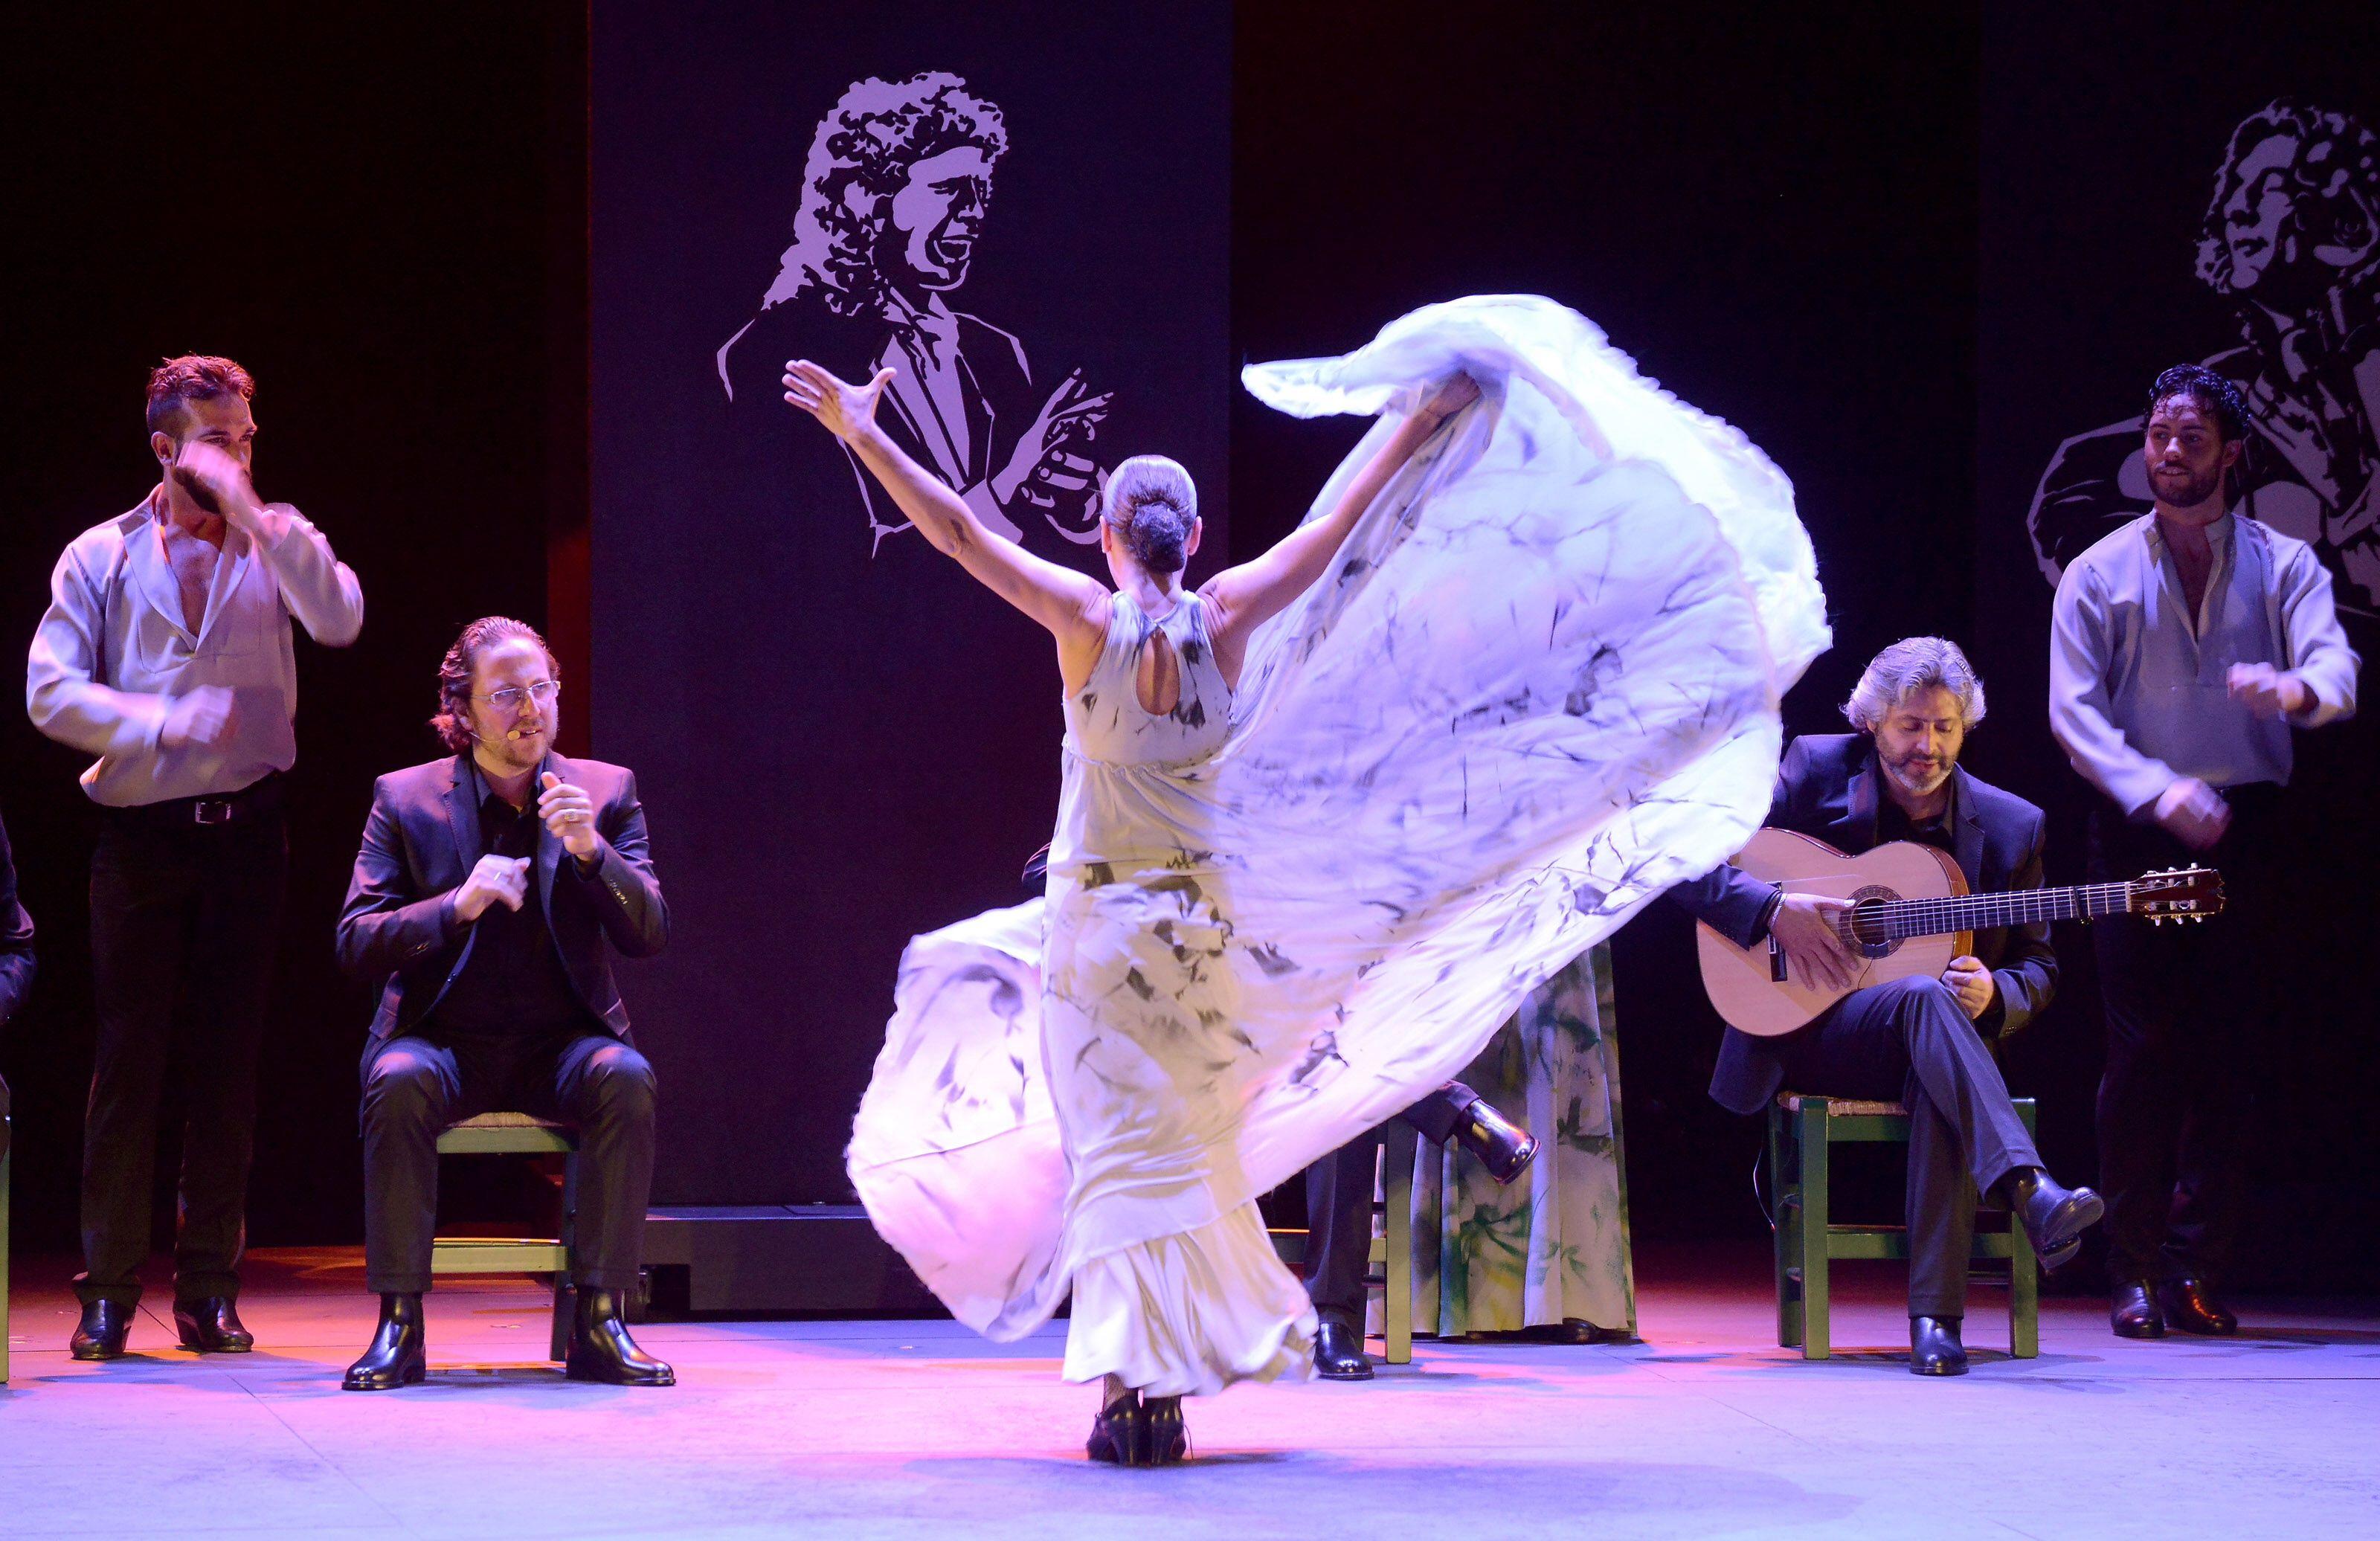 Voces, suite flamenca - Sara Baras (danseuse) - Sara Baras Grupo ...